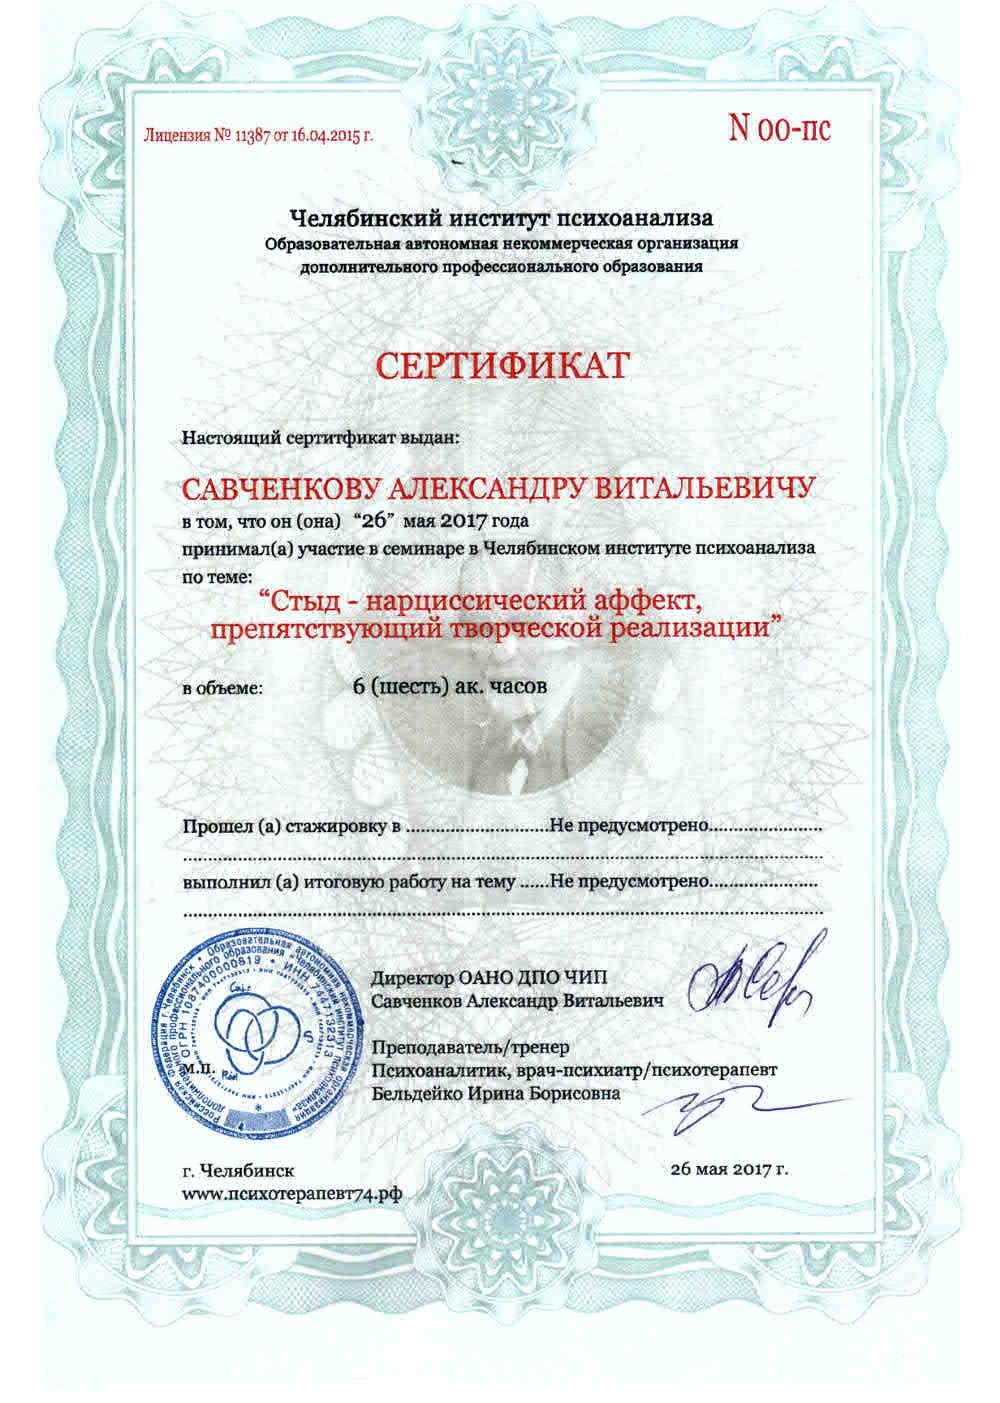 """Сертификат """"Стыд- нарцистический аффект, препятствующий творческой реализации"""""""